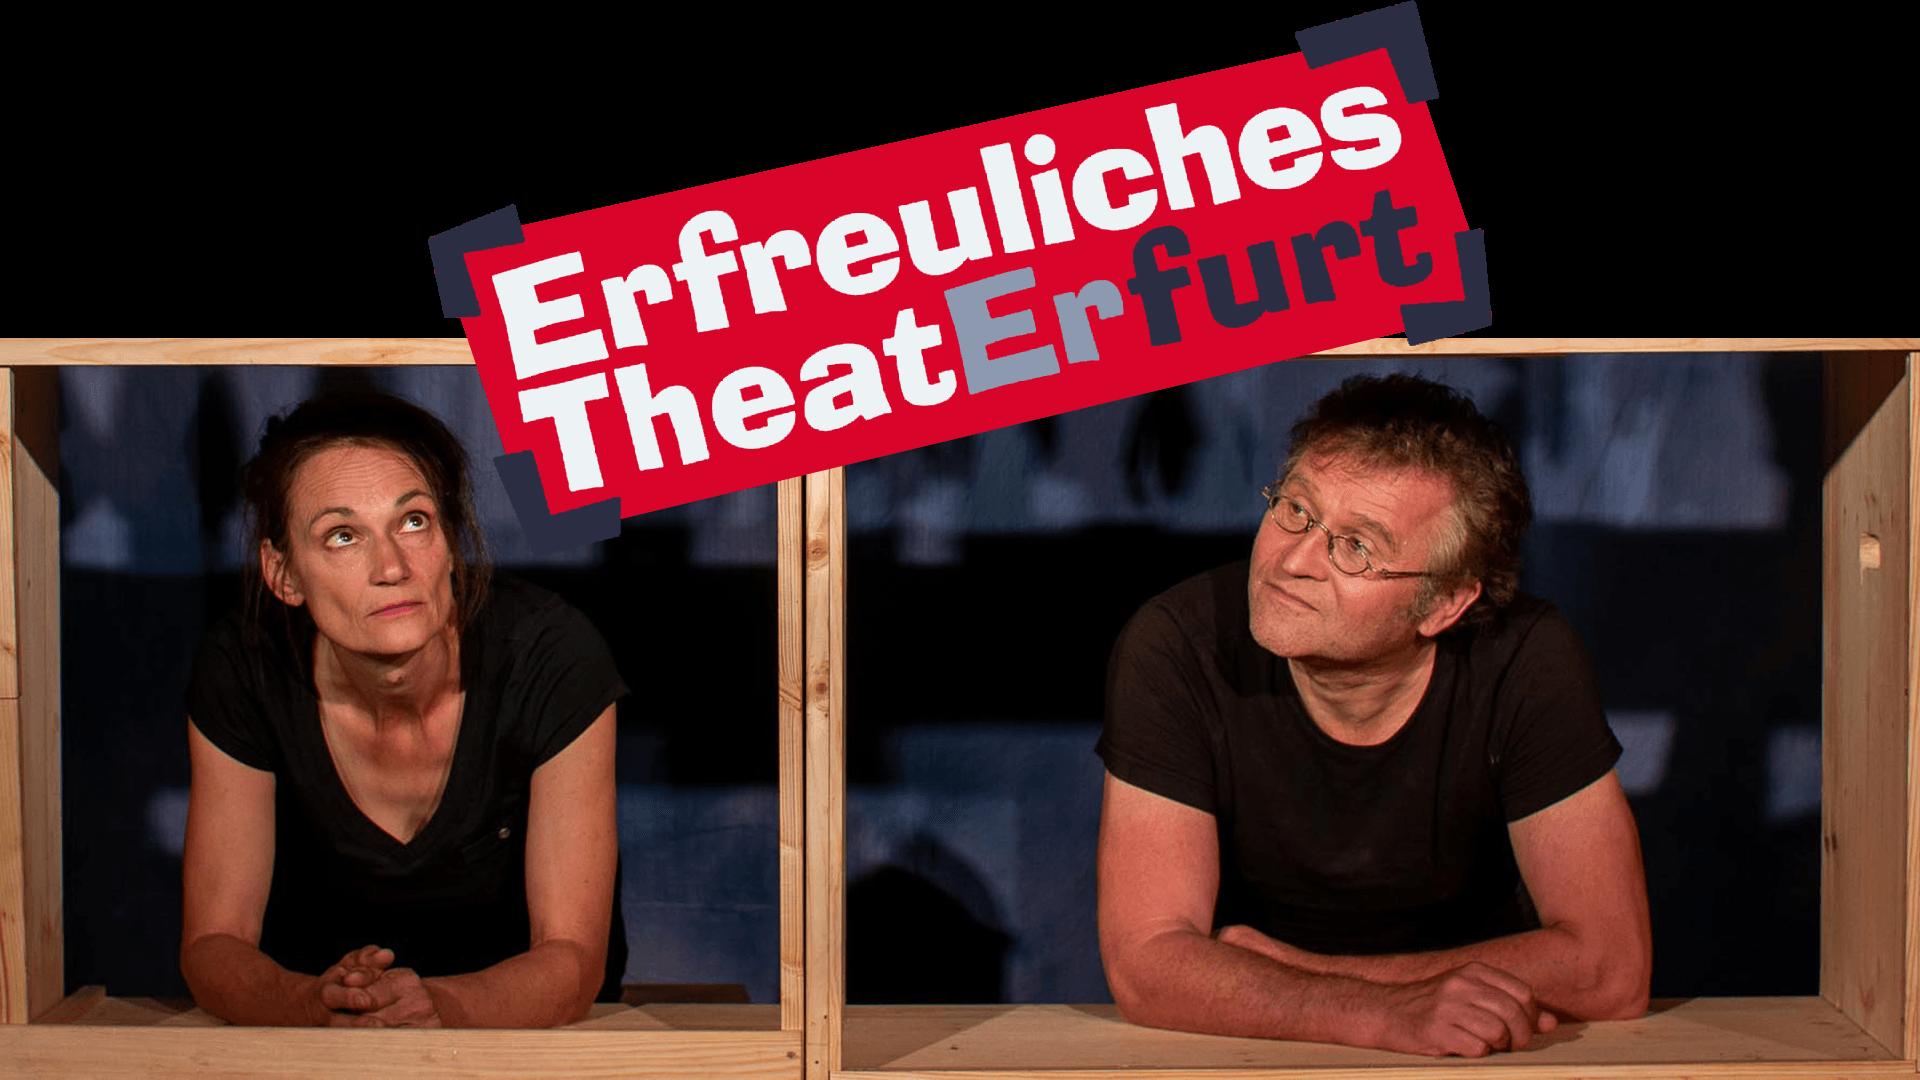 """Katrin Heinke und Ronald Mernitz schauen durch hölzerne Rahmen auf das Logo des """"Erfreuliches Theater Erfurt"""""""